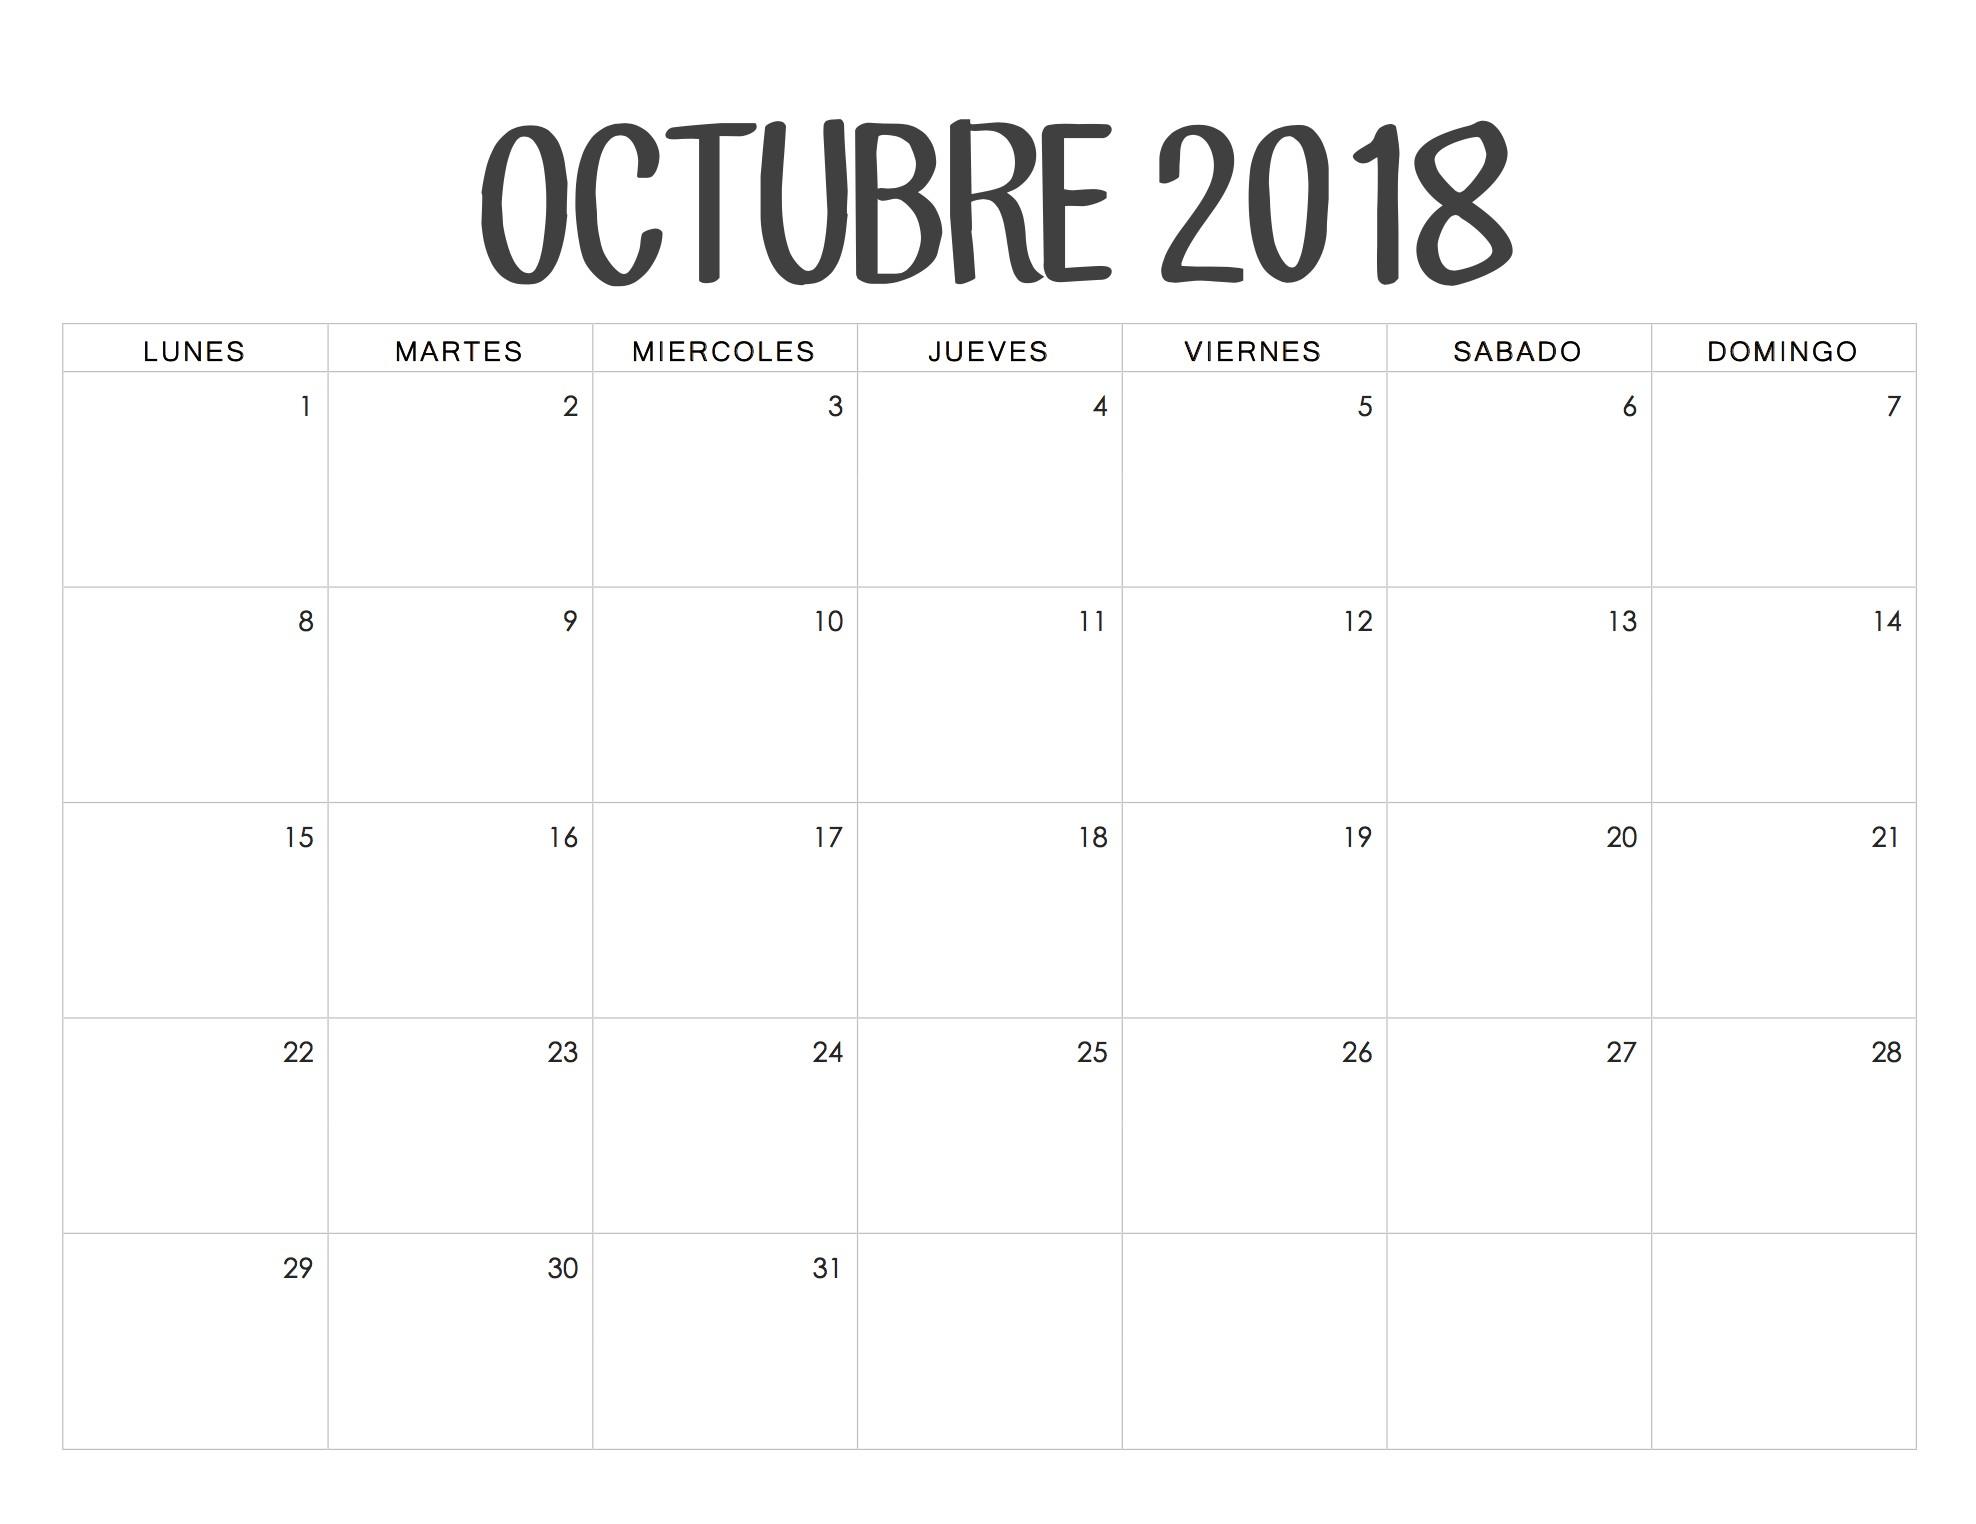 Vacations Calendario Octubre 2018 Para Imprimir